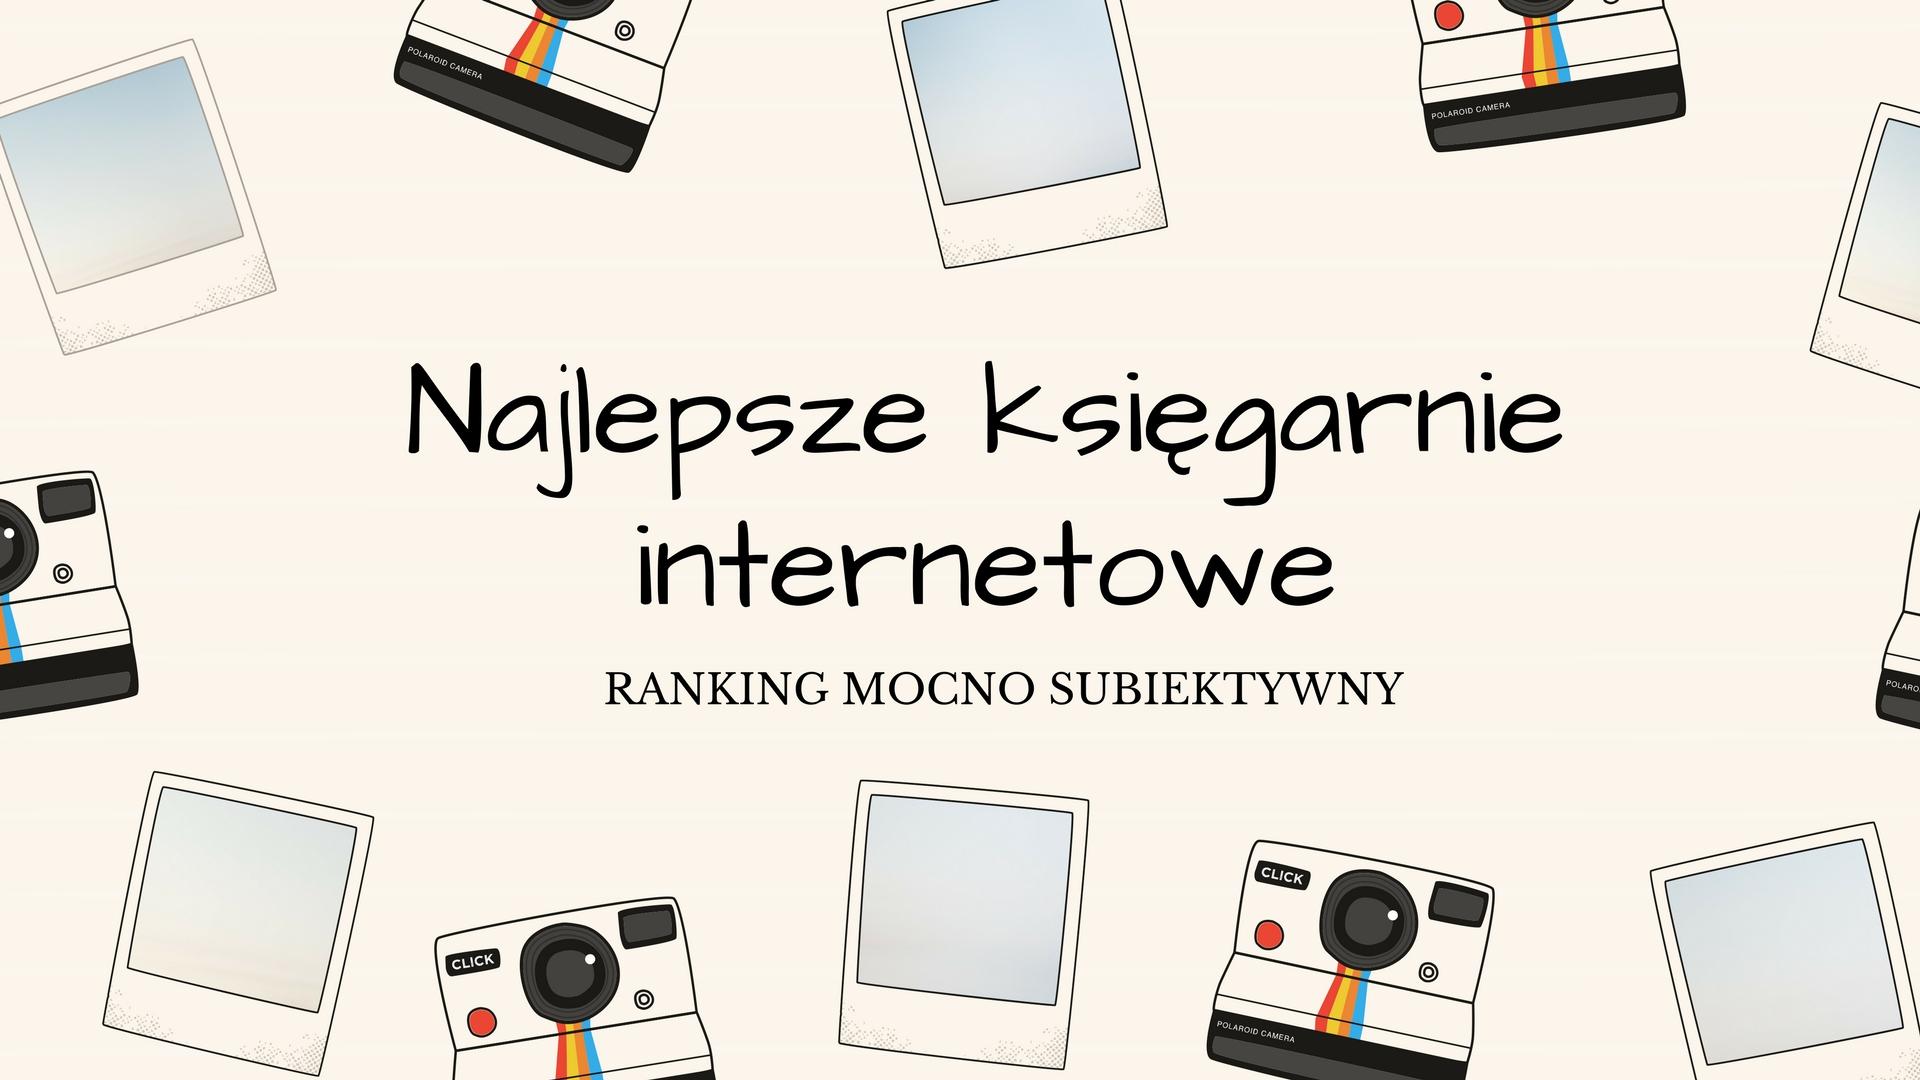 Najlepsze księgarnie internetowe. Ranking mocno subiektywny